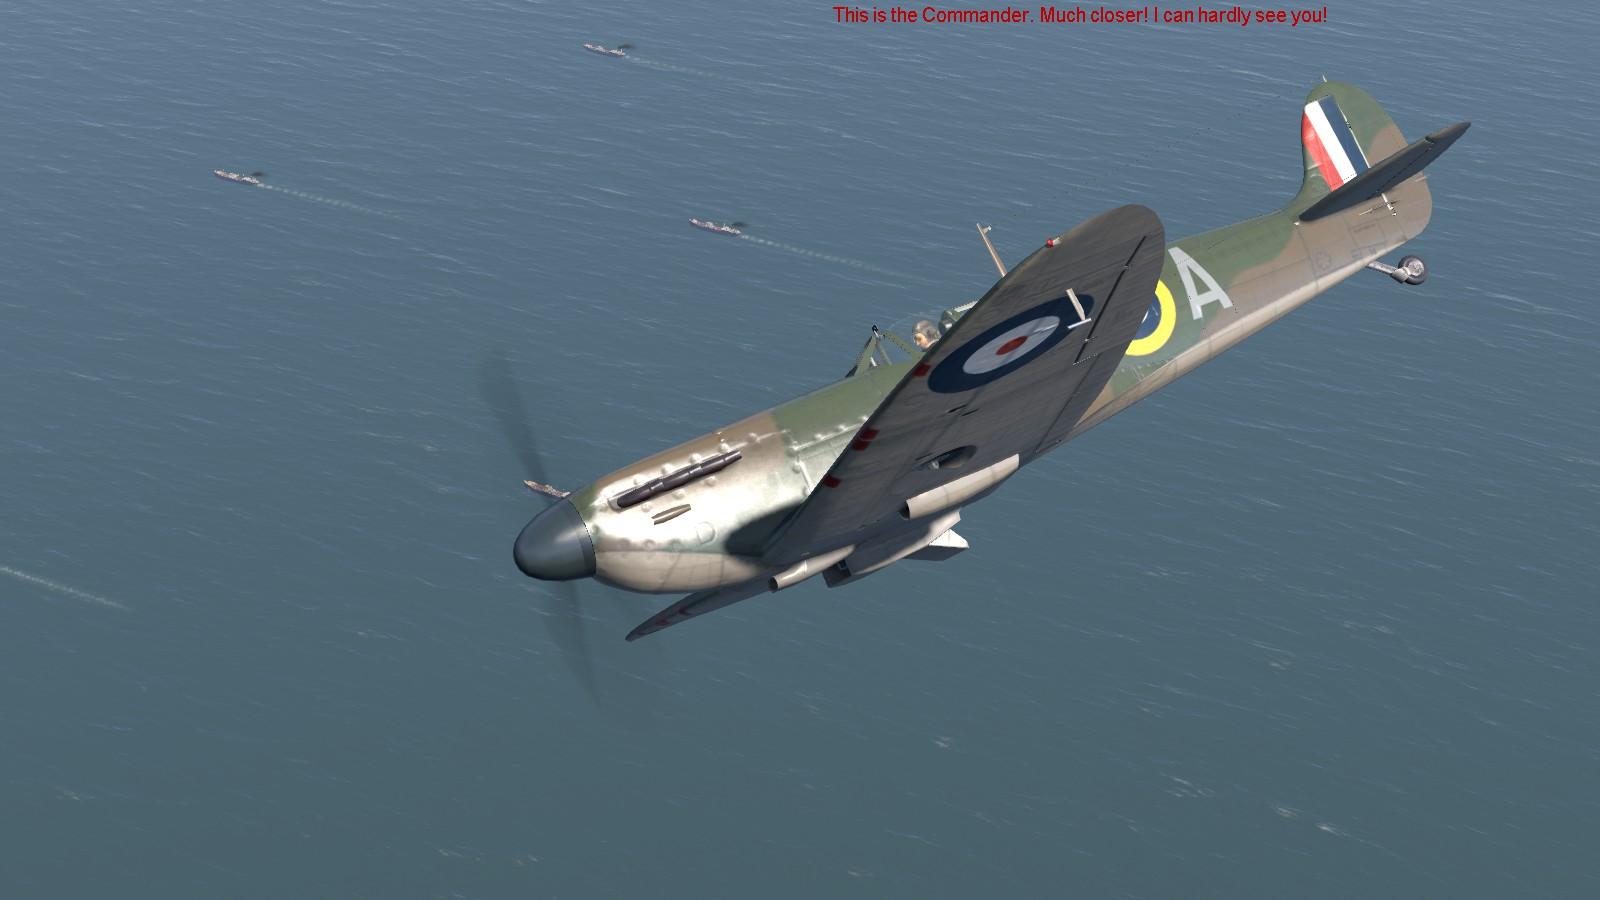 Battle of Britian Simulators for 75th anniversary - IL-2